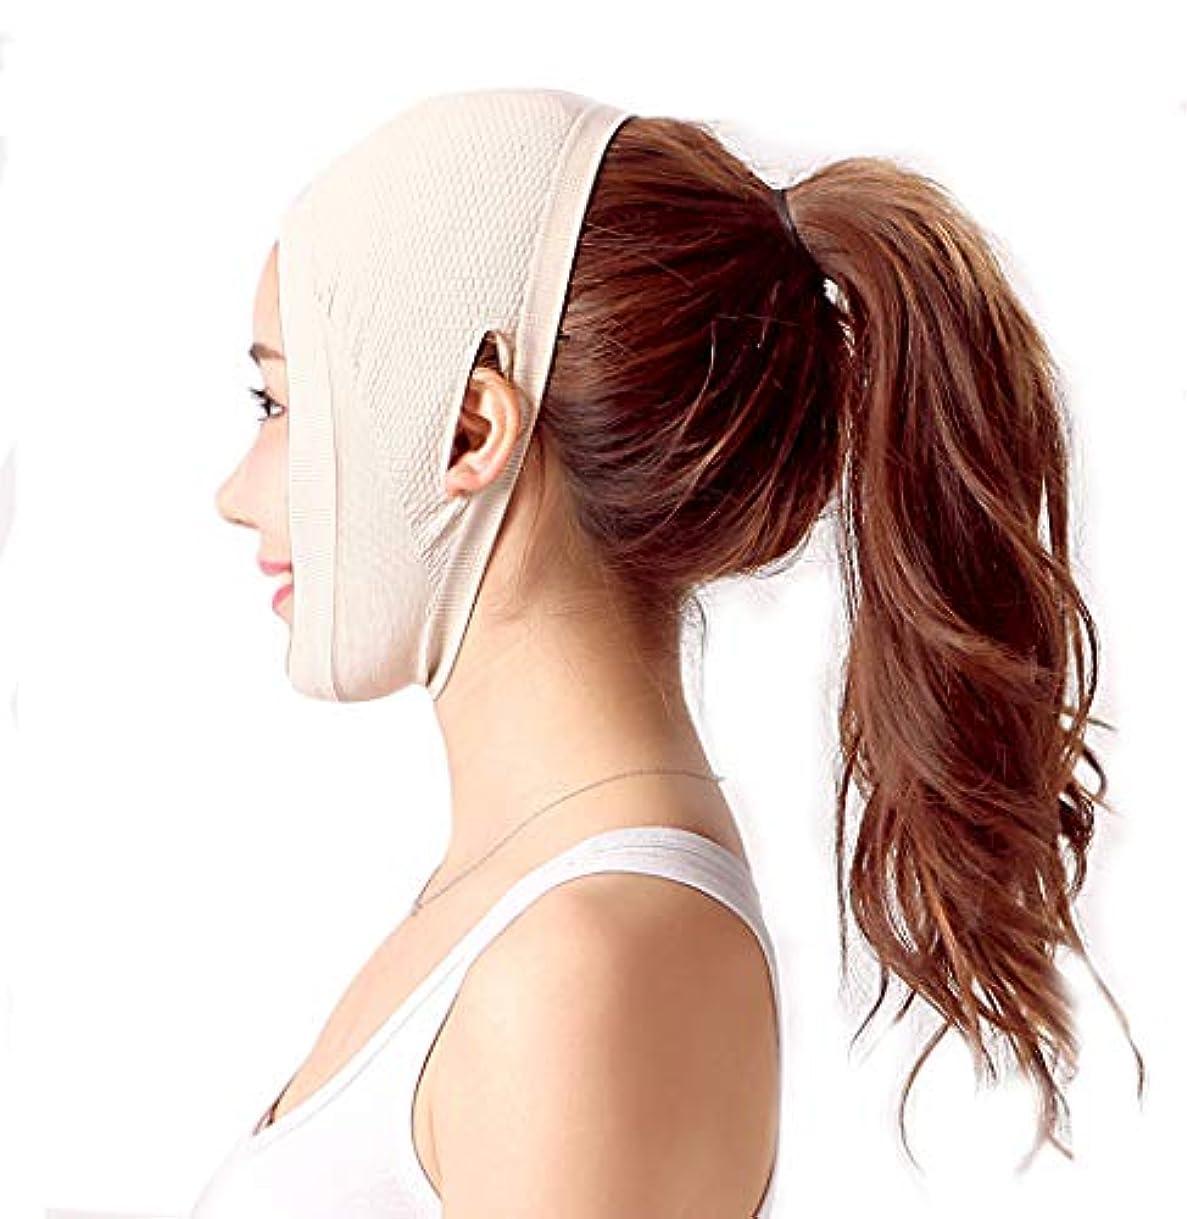 造船主観的輝度GLJJQMY フェイスリフティング包帯術後回復マスクリフティング包帯薄い顔アーティファクト薄い二重あご薄い筋肉マスク 顔用整形マスク (Color : Skin tone(A))